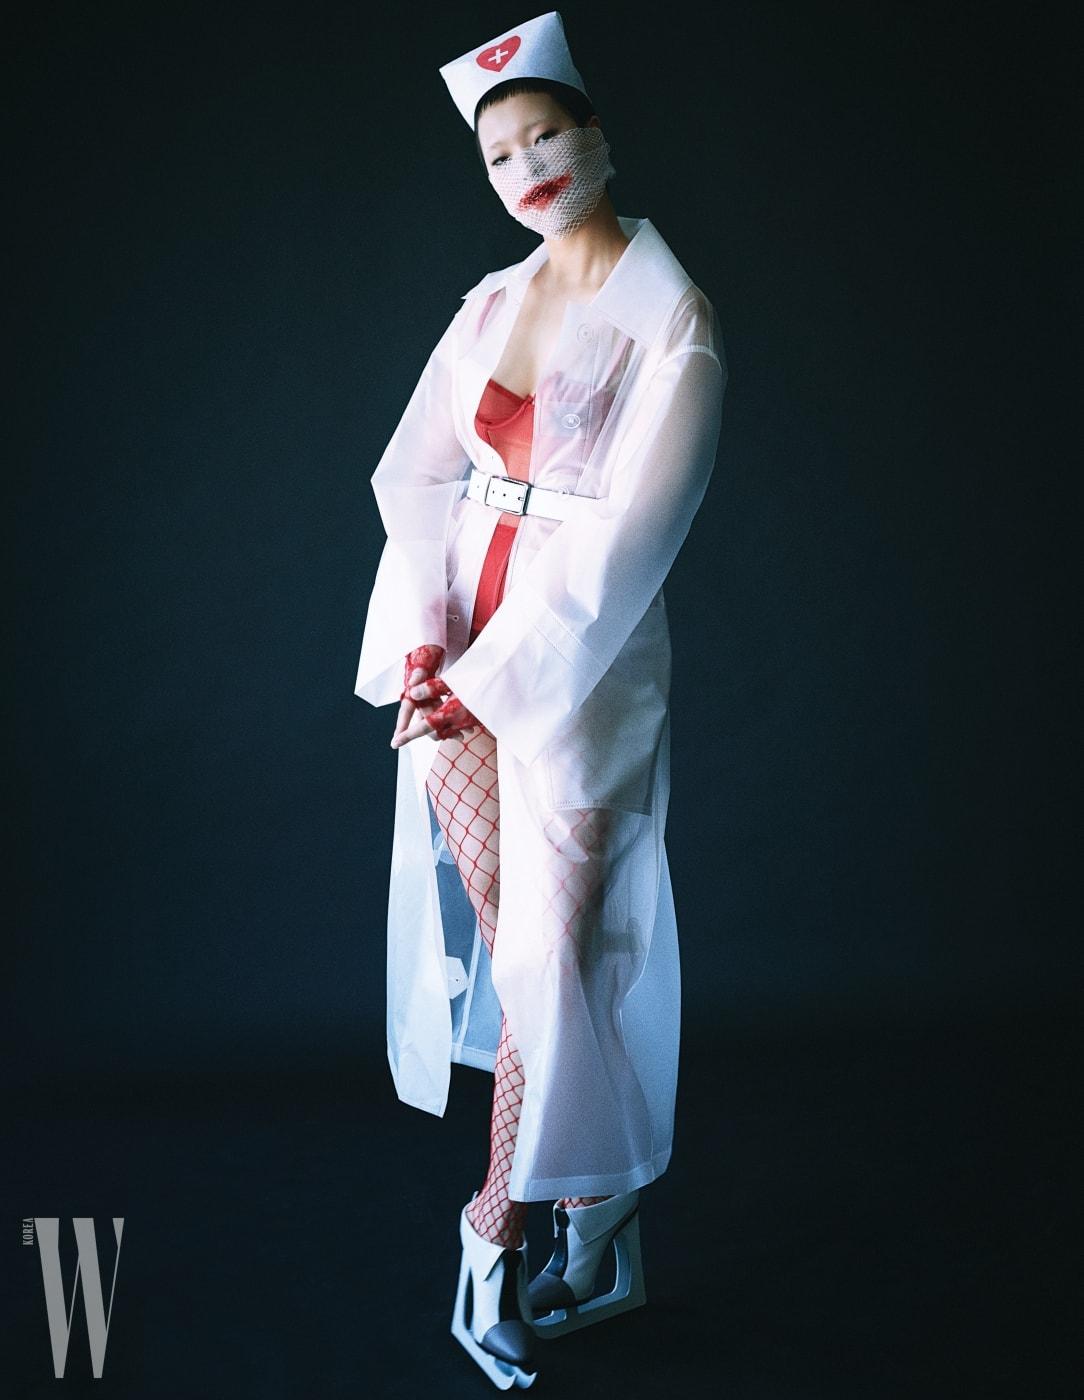 모델 이민조가 입은 플라스틱 카 코트는 Burberry, 안에 입은 빨강 뷔스티에는 Laperla, 하얀색 가죽 벨트는 Levi's, 조형적인 슈즈는 Tom Browne 제품.